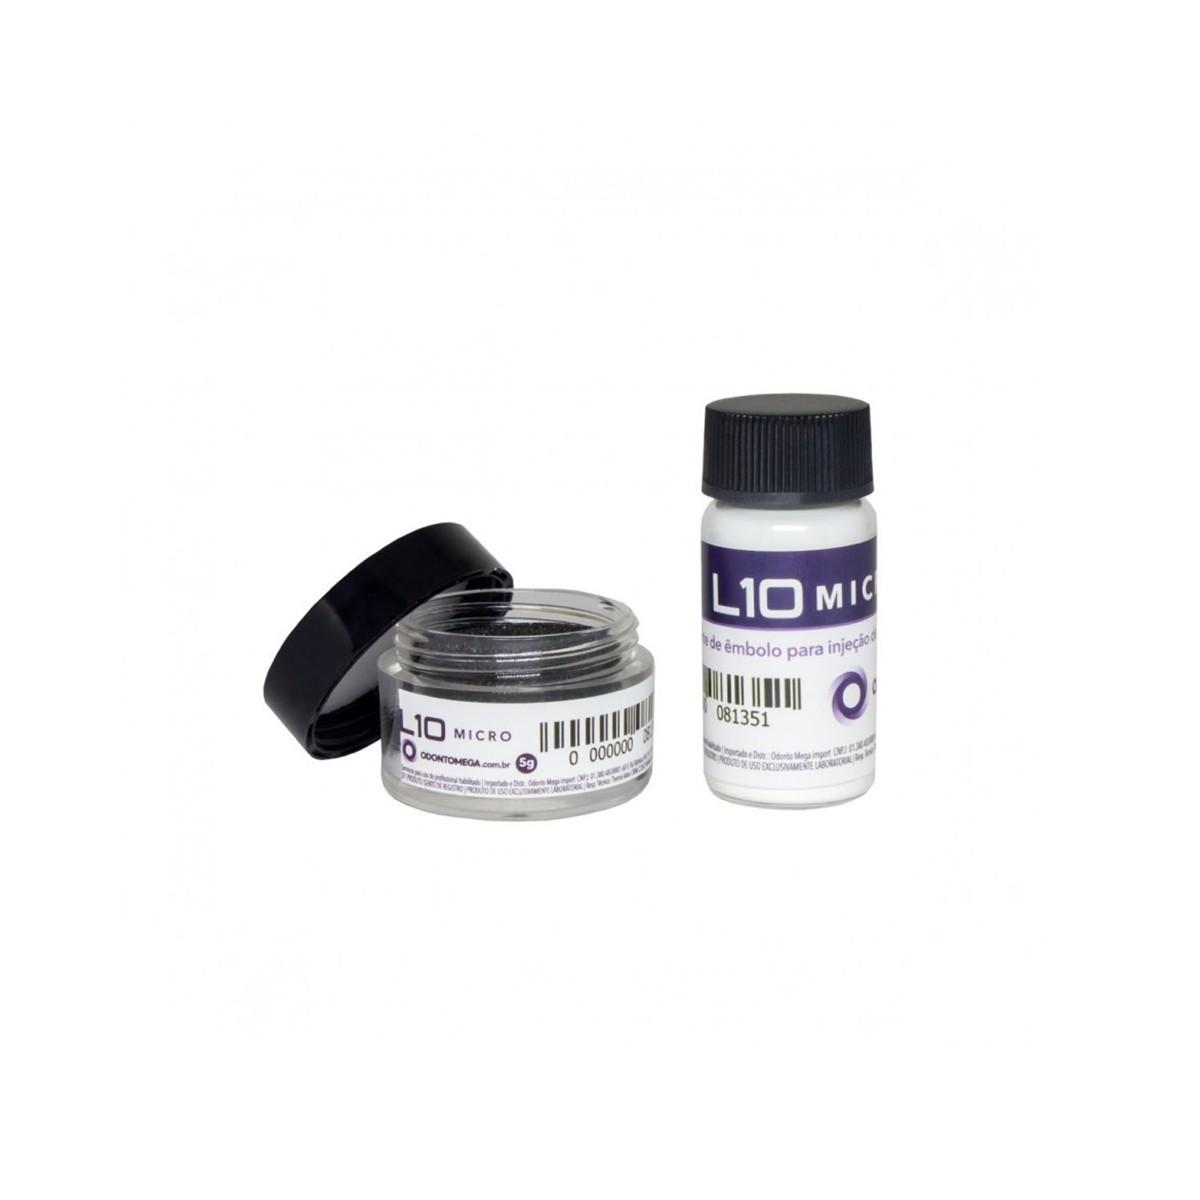 Agente Isolante L10 para Dissilicato Odontomega 5g - Ref 08-135